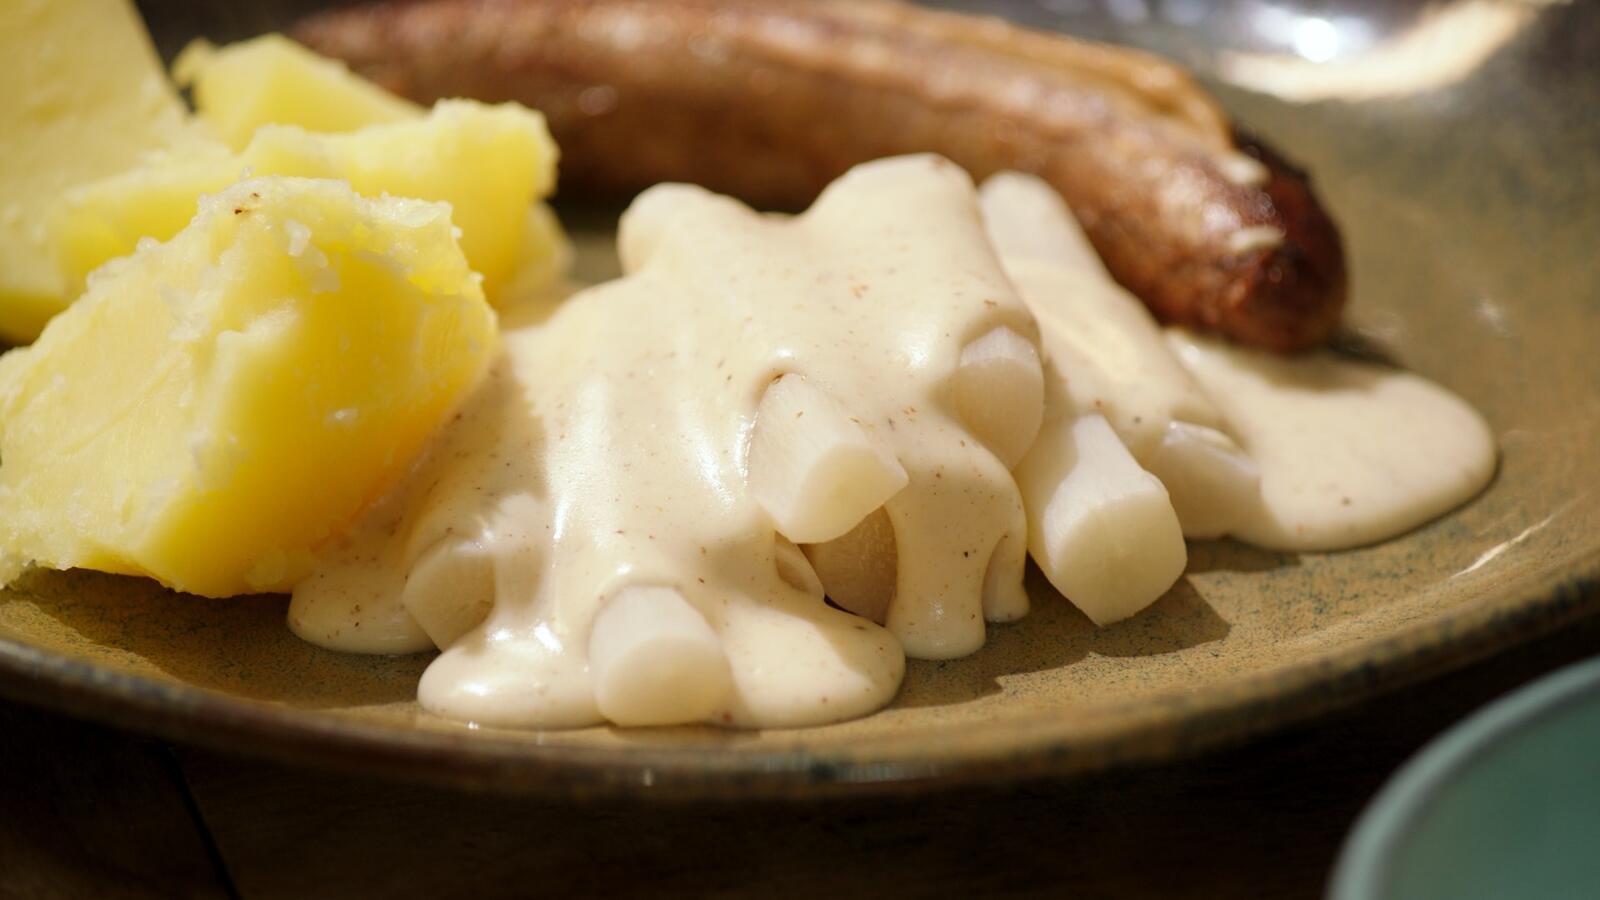 Worst met schorseneren in witte saus en gekookte aardappelen